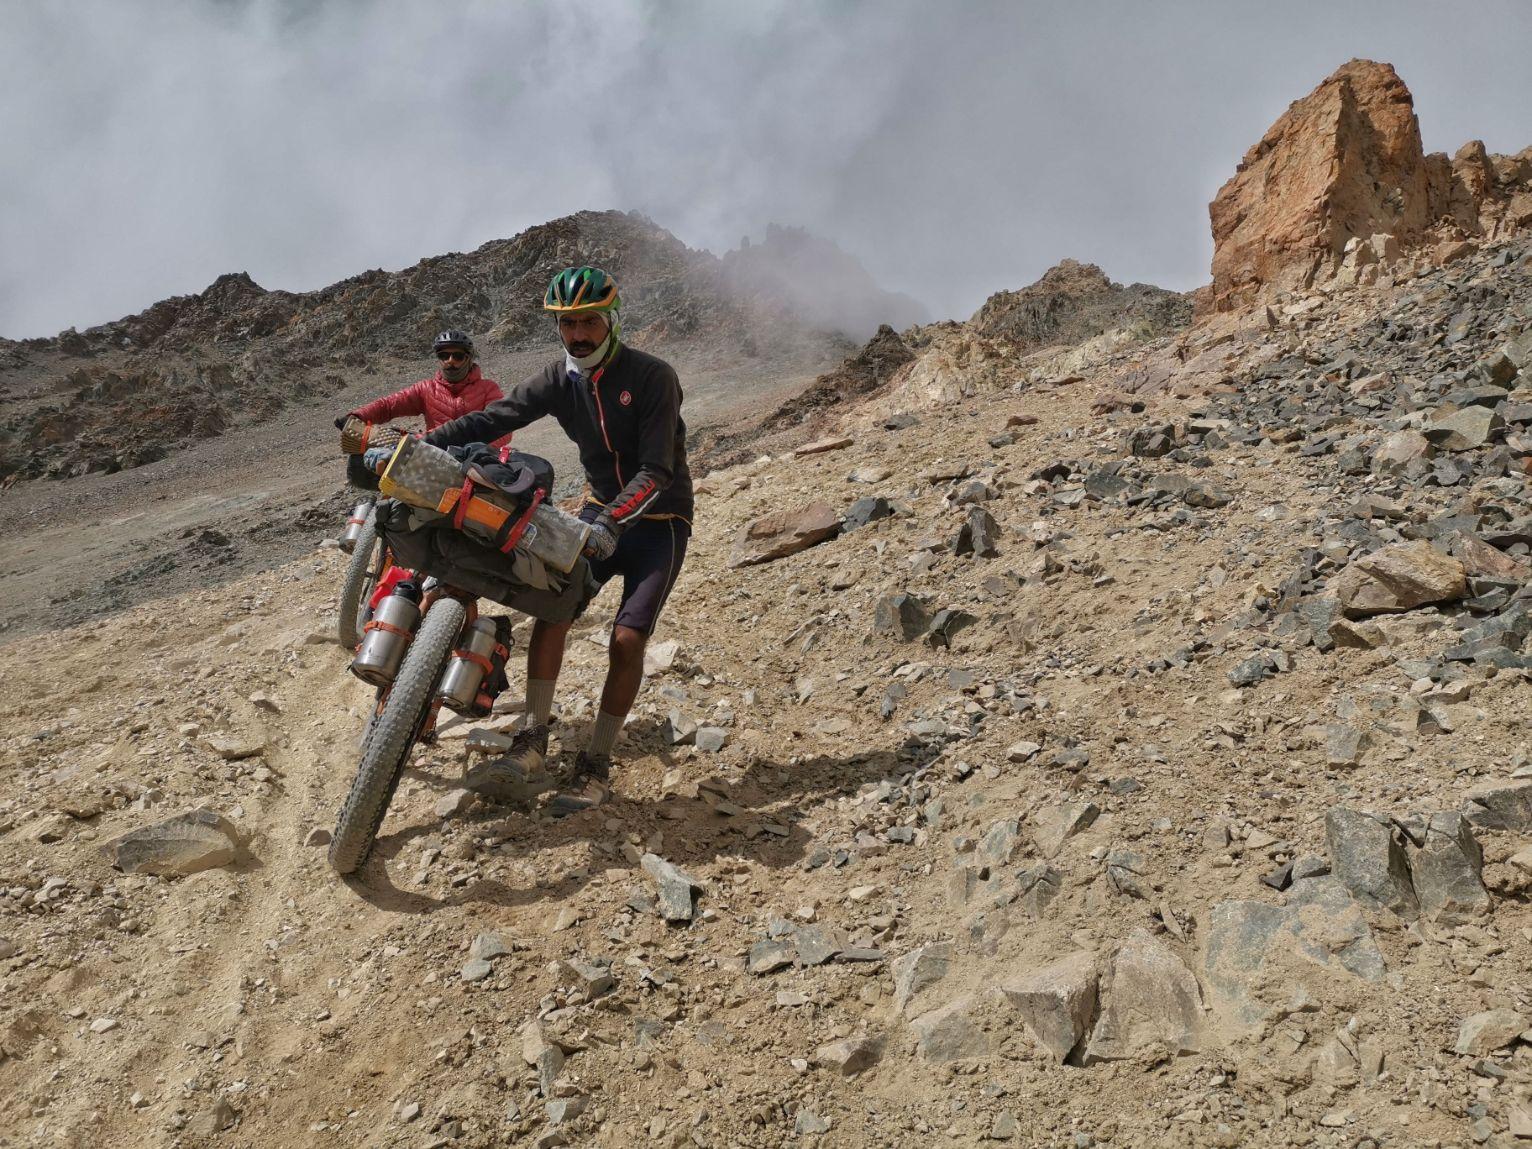 el cruce de los andres bikepacking colombia